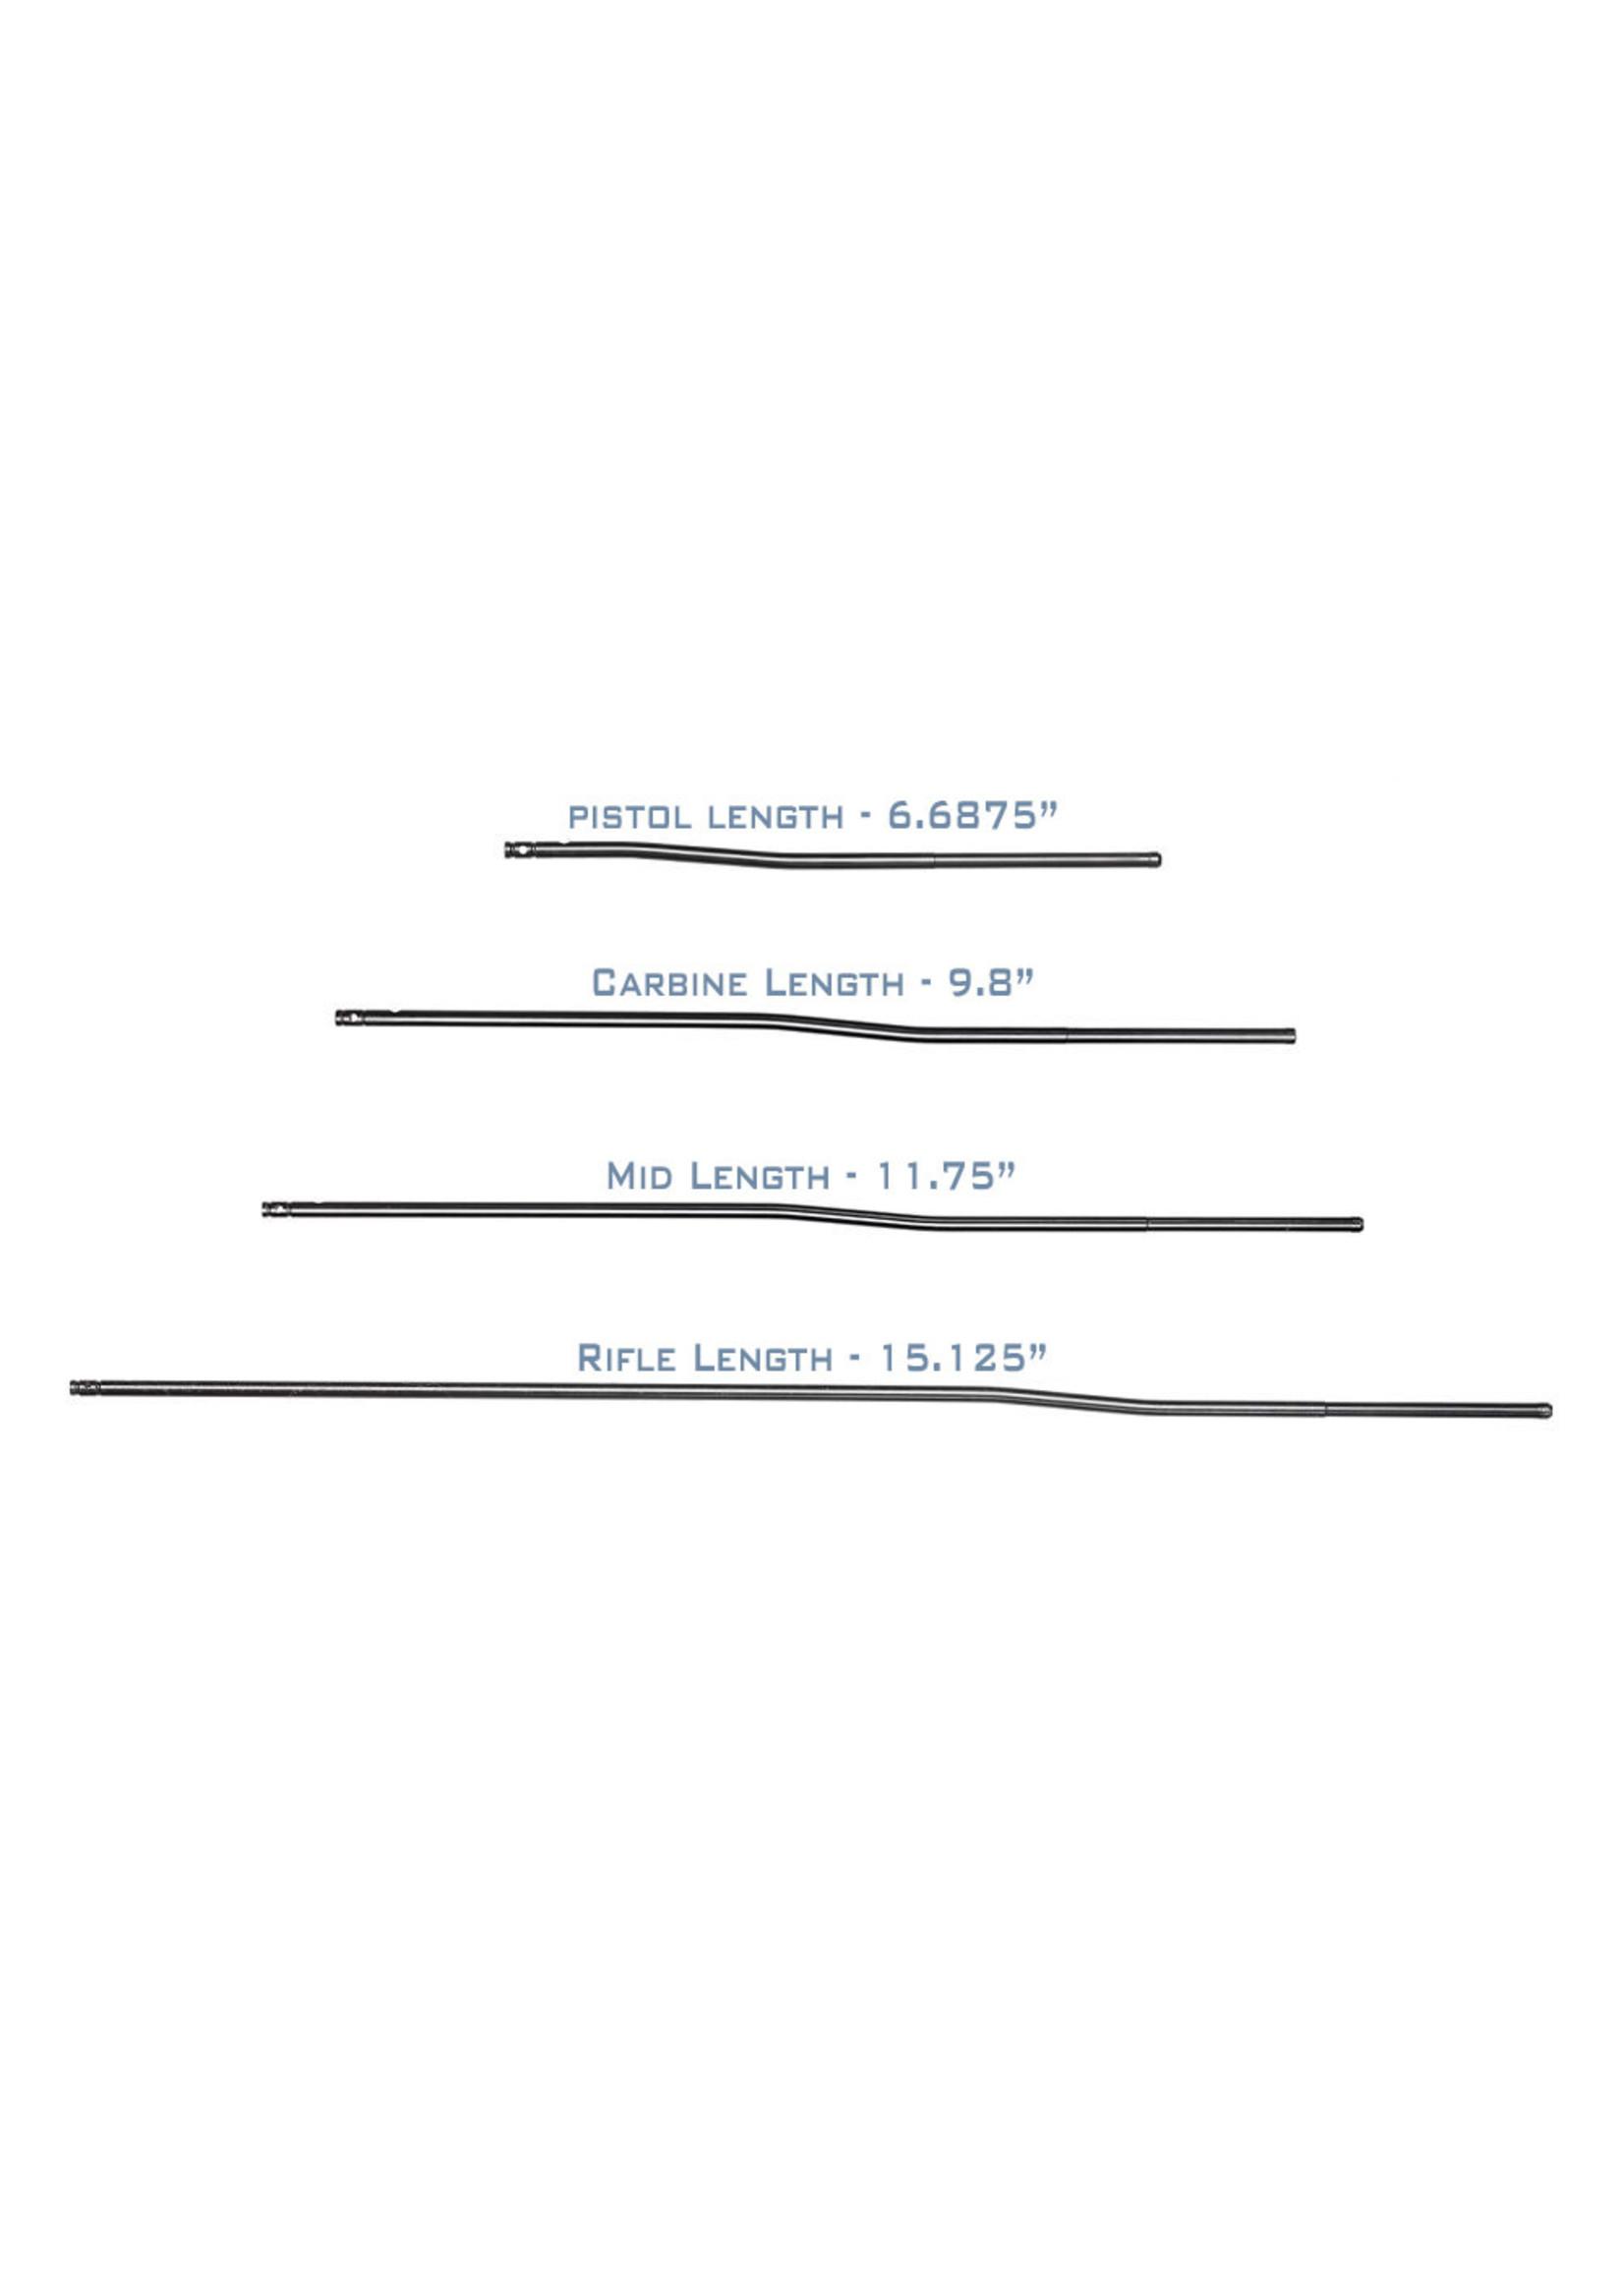 """Aero Precision Aero Precision Melonite Gas Tubes, Carbine-Length, 9.8"""", for AR15/AR10"""